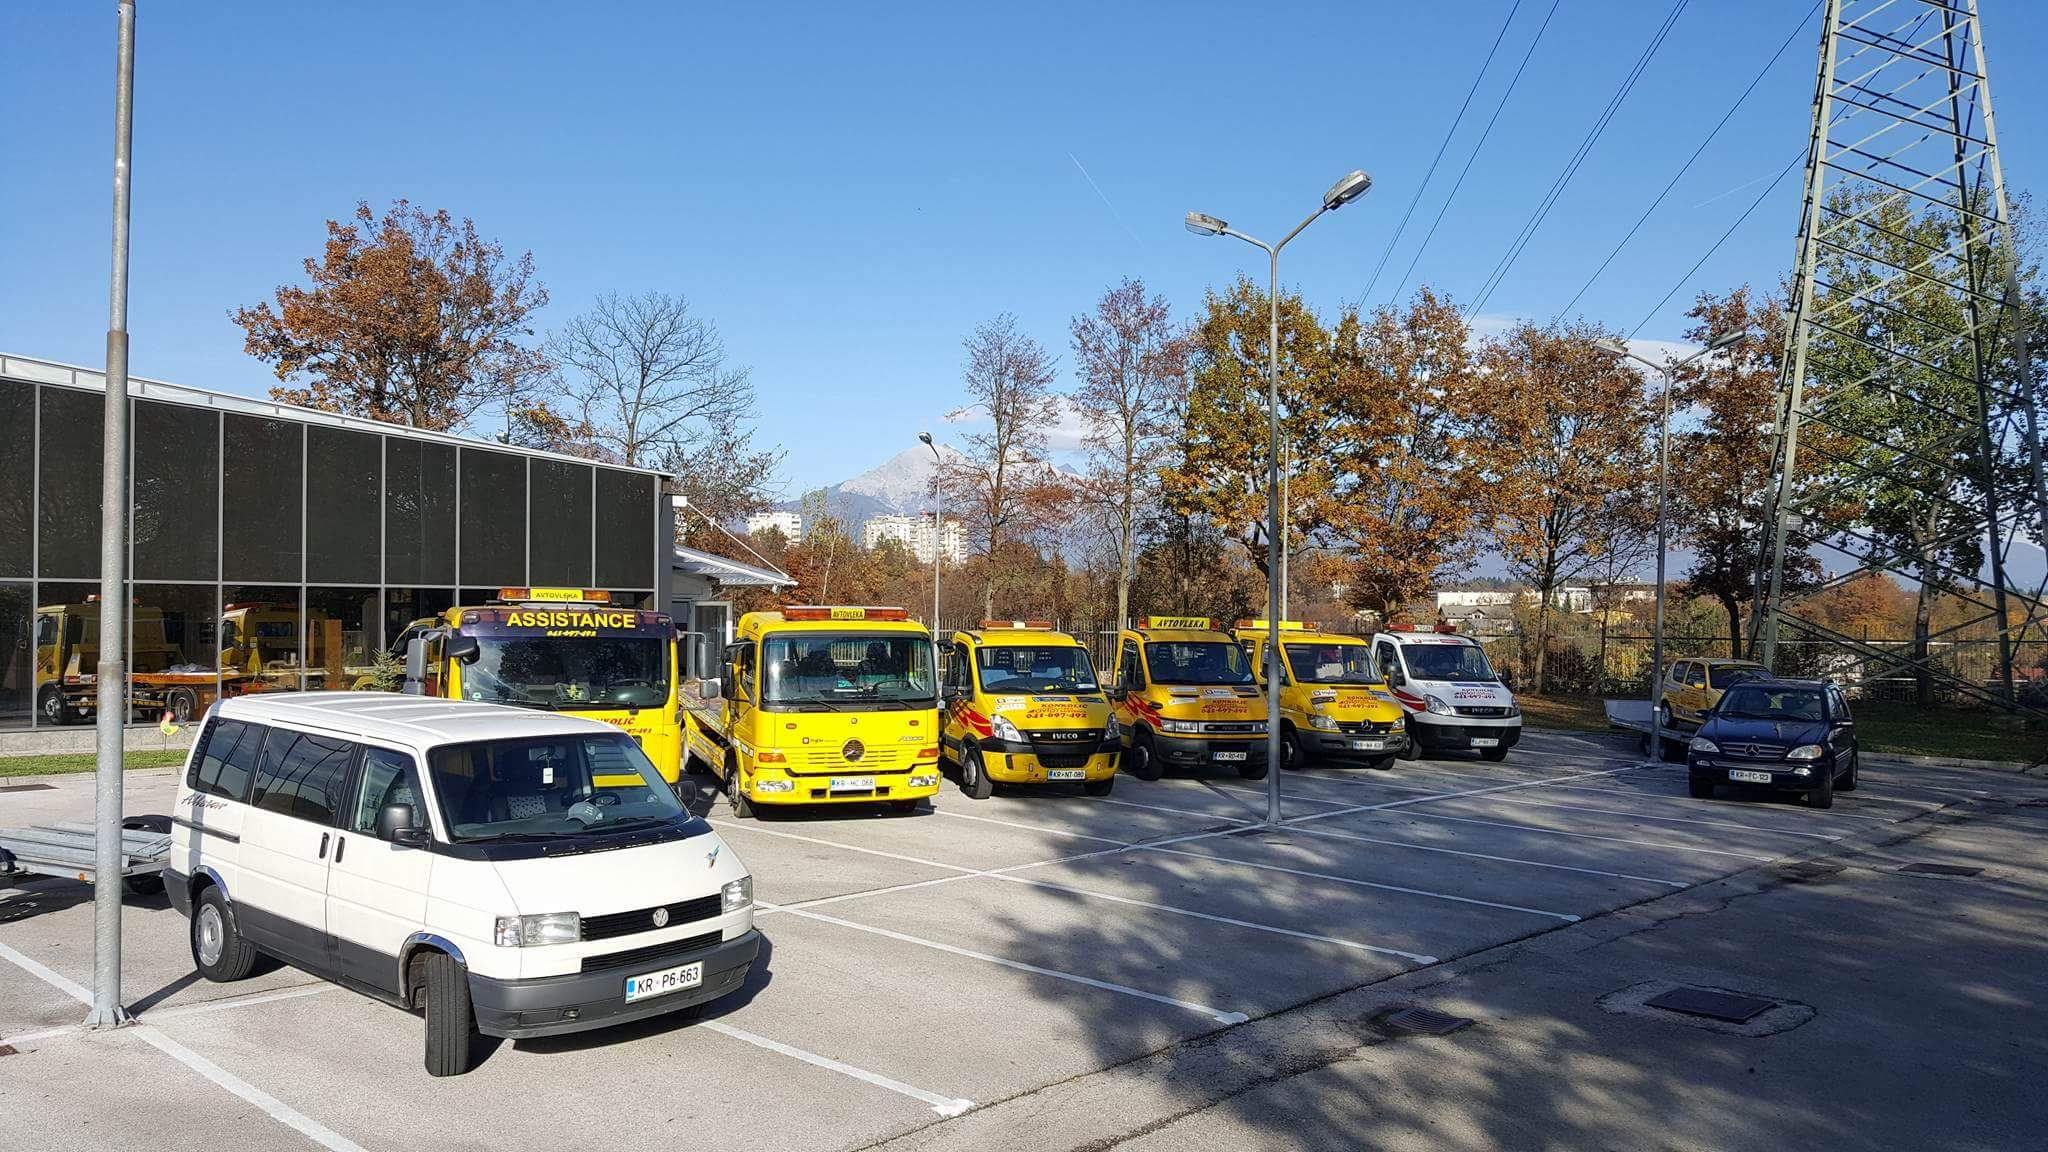 Avtovleka Kranj - Avtoasistenca Konkolič Kranj, Towing Service Kranj, Abschleppdienst Kranj received_10206014332272504